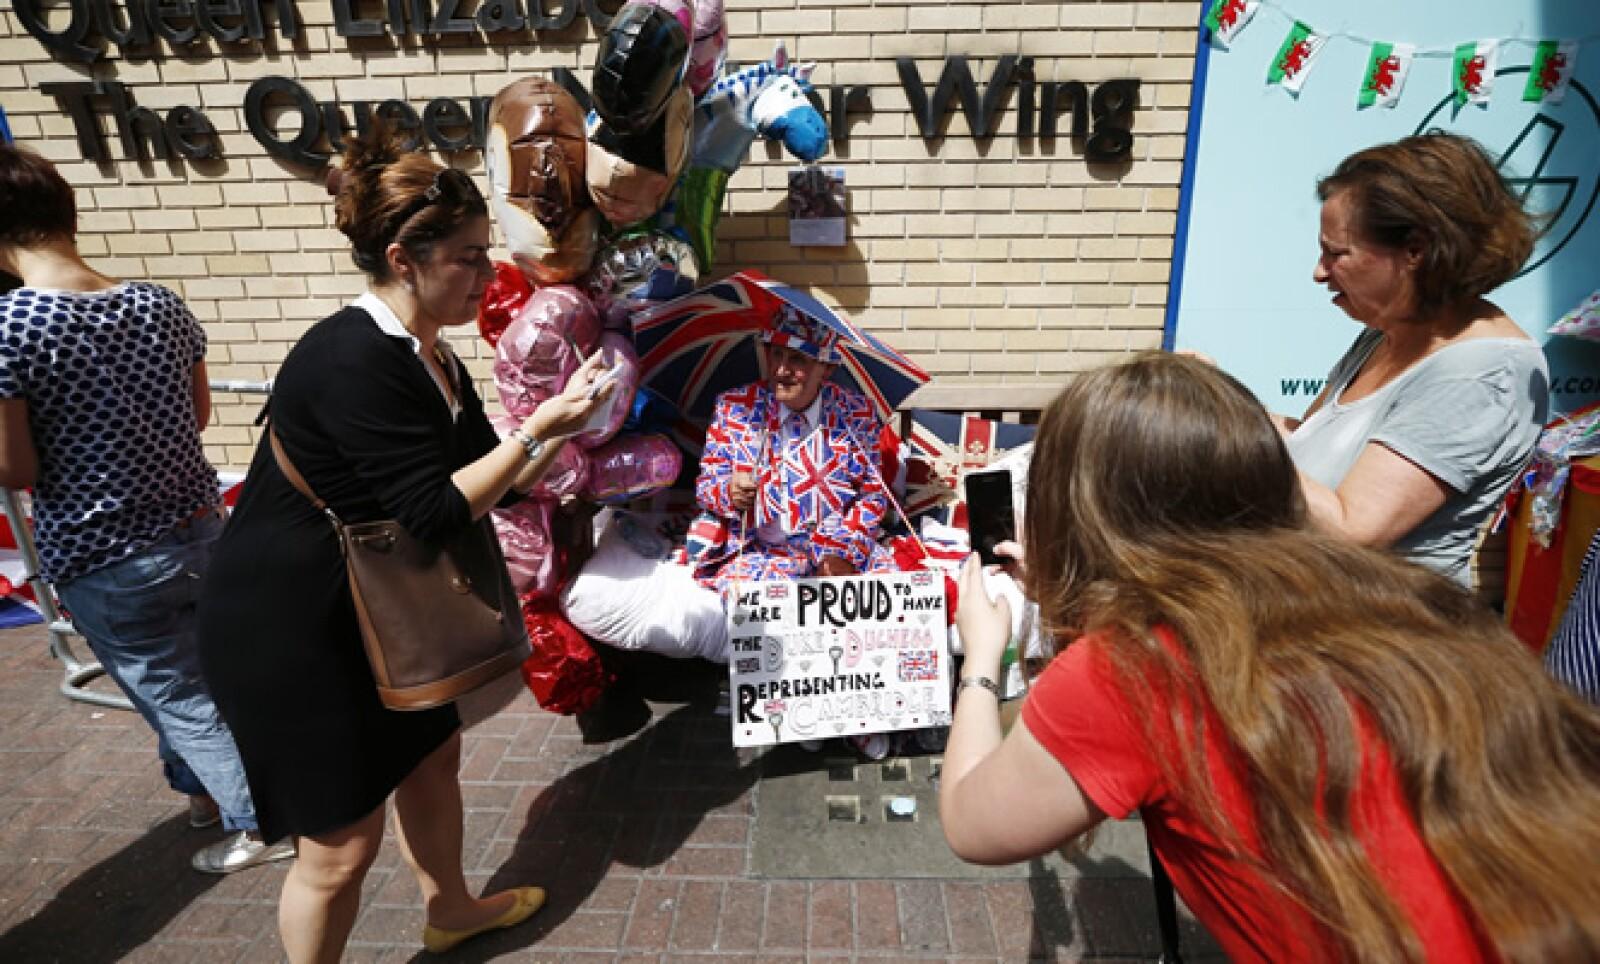 Turistas y medios locales fotografían a un hombre entusiasmado por el nacimiento del nuevo integrante de la familia real.